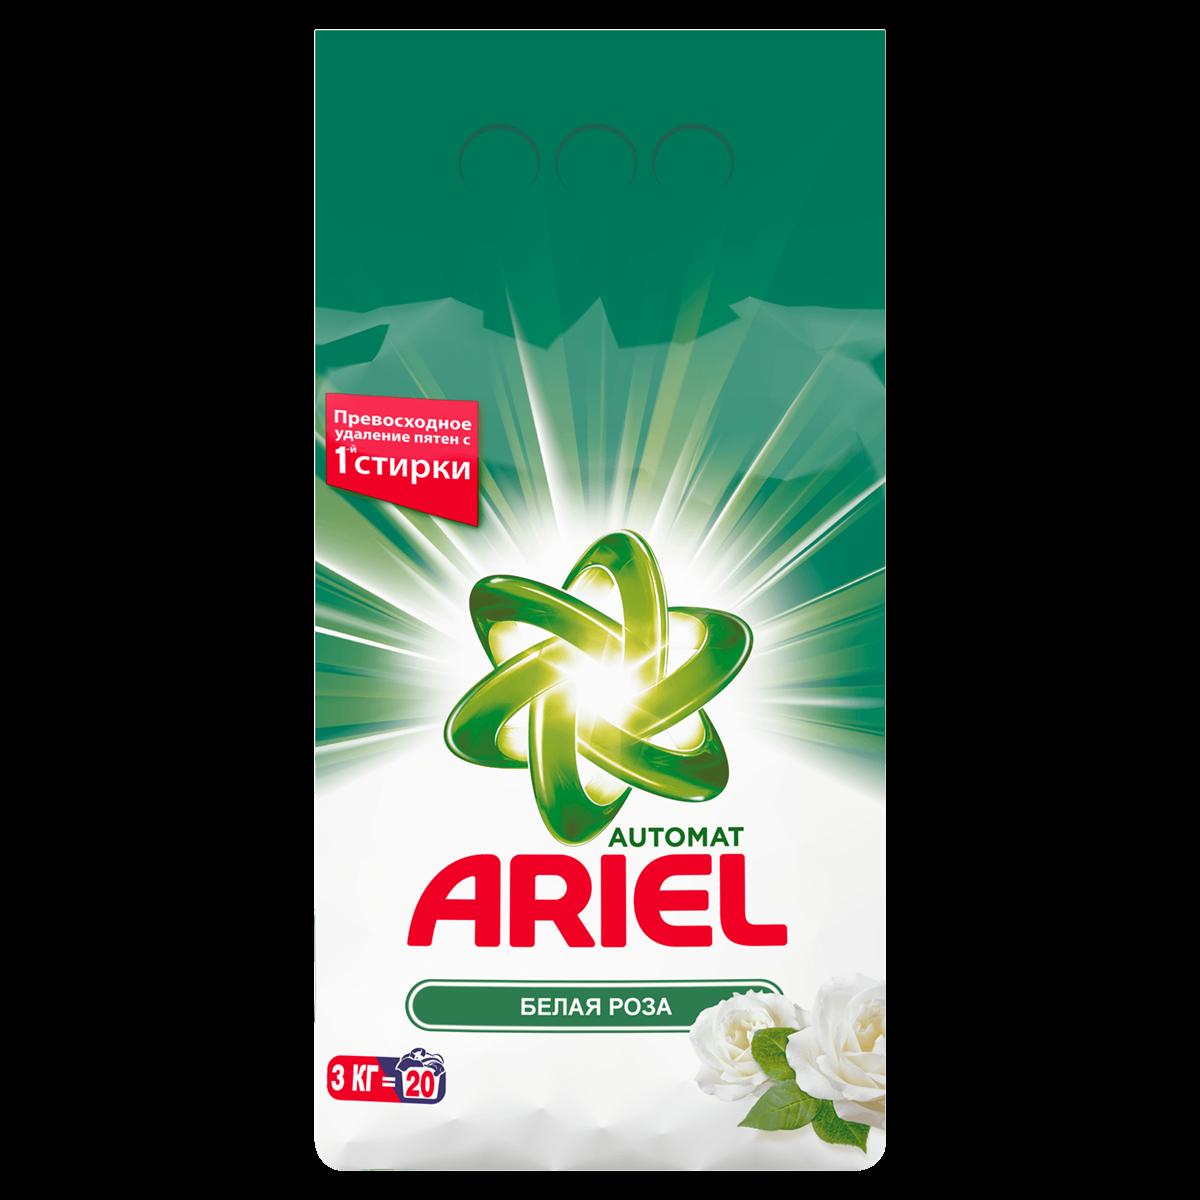 Լվացքի փոշի ARIEL 3.կգ